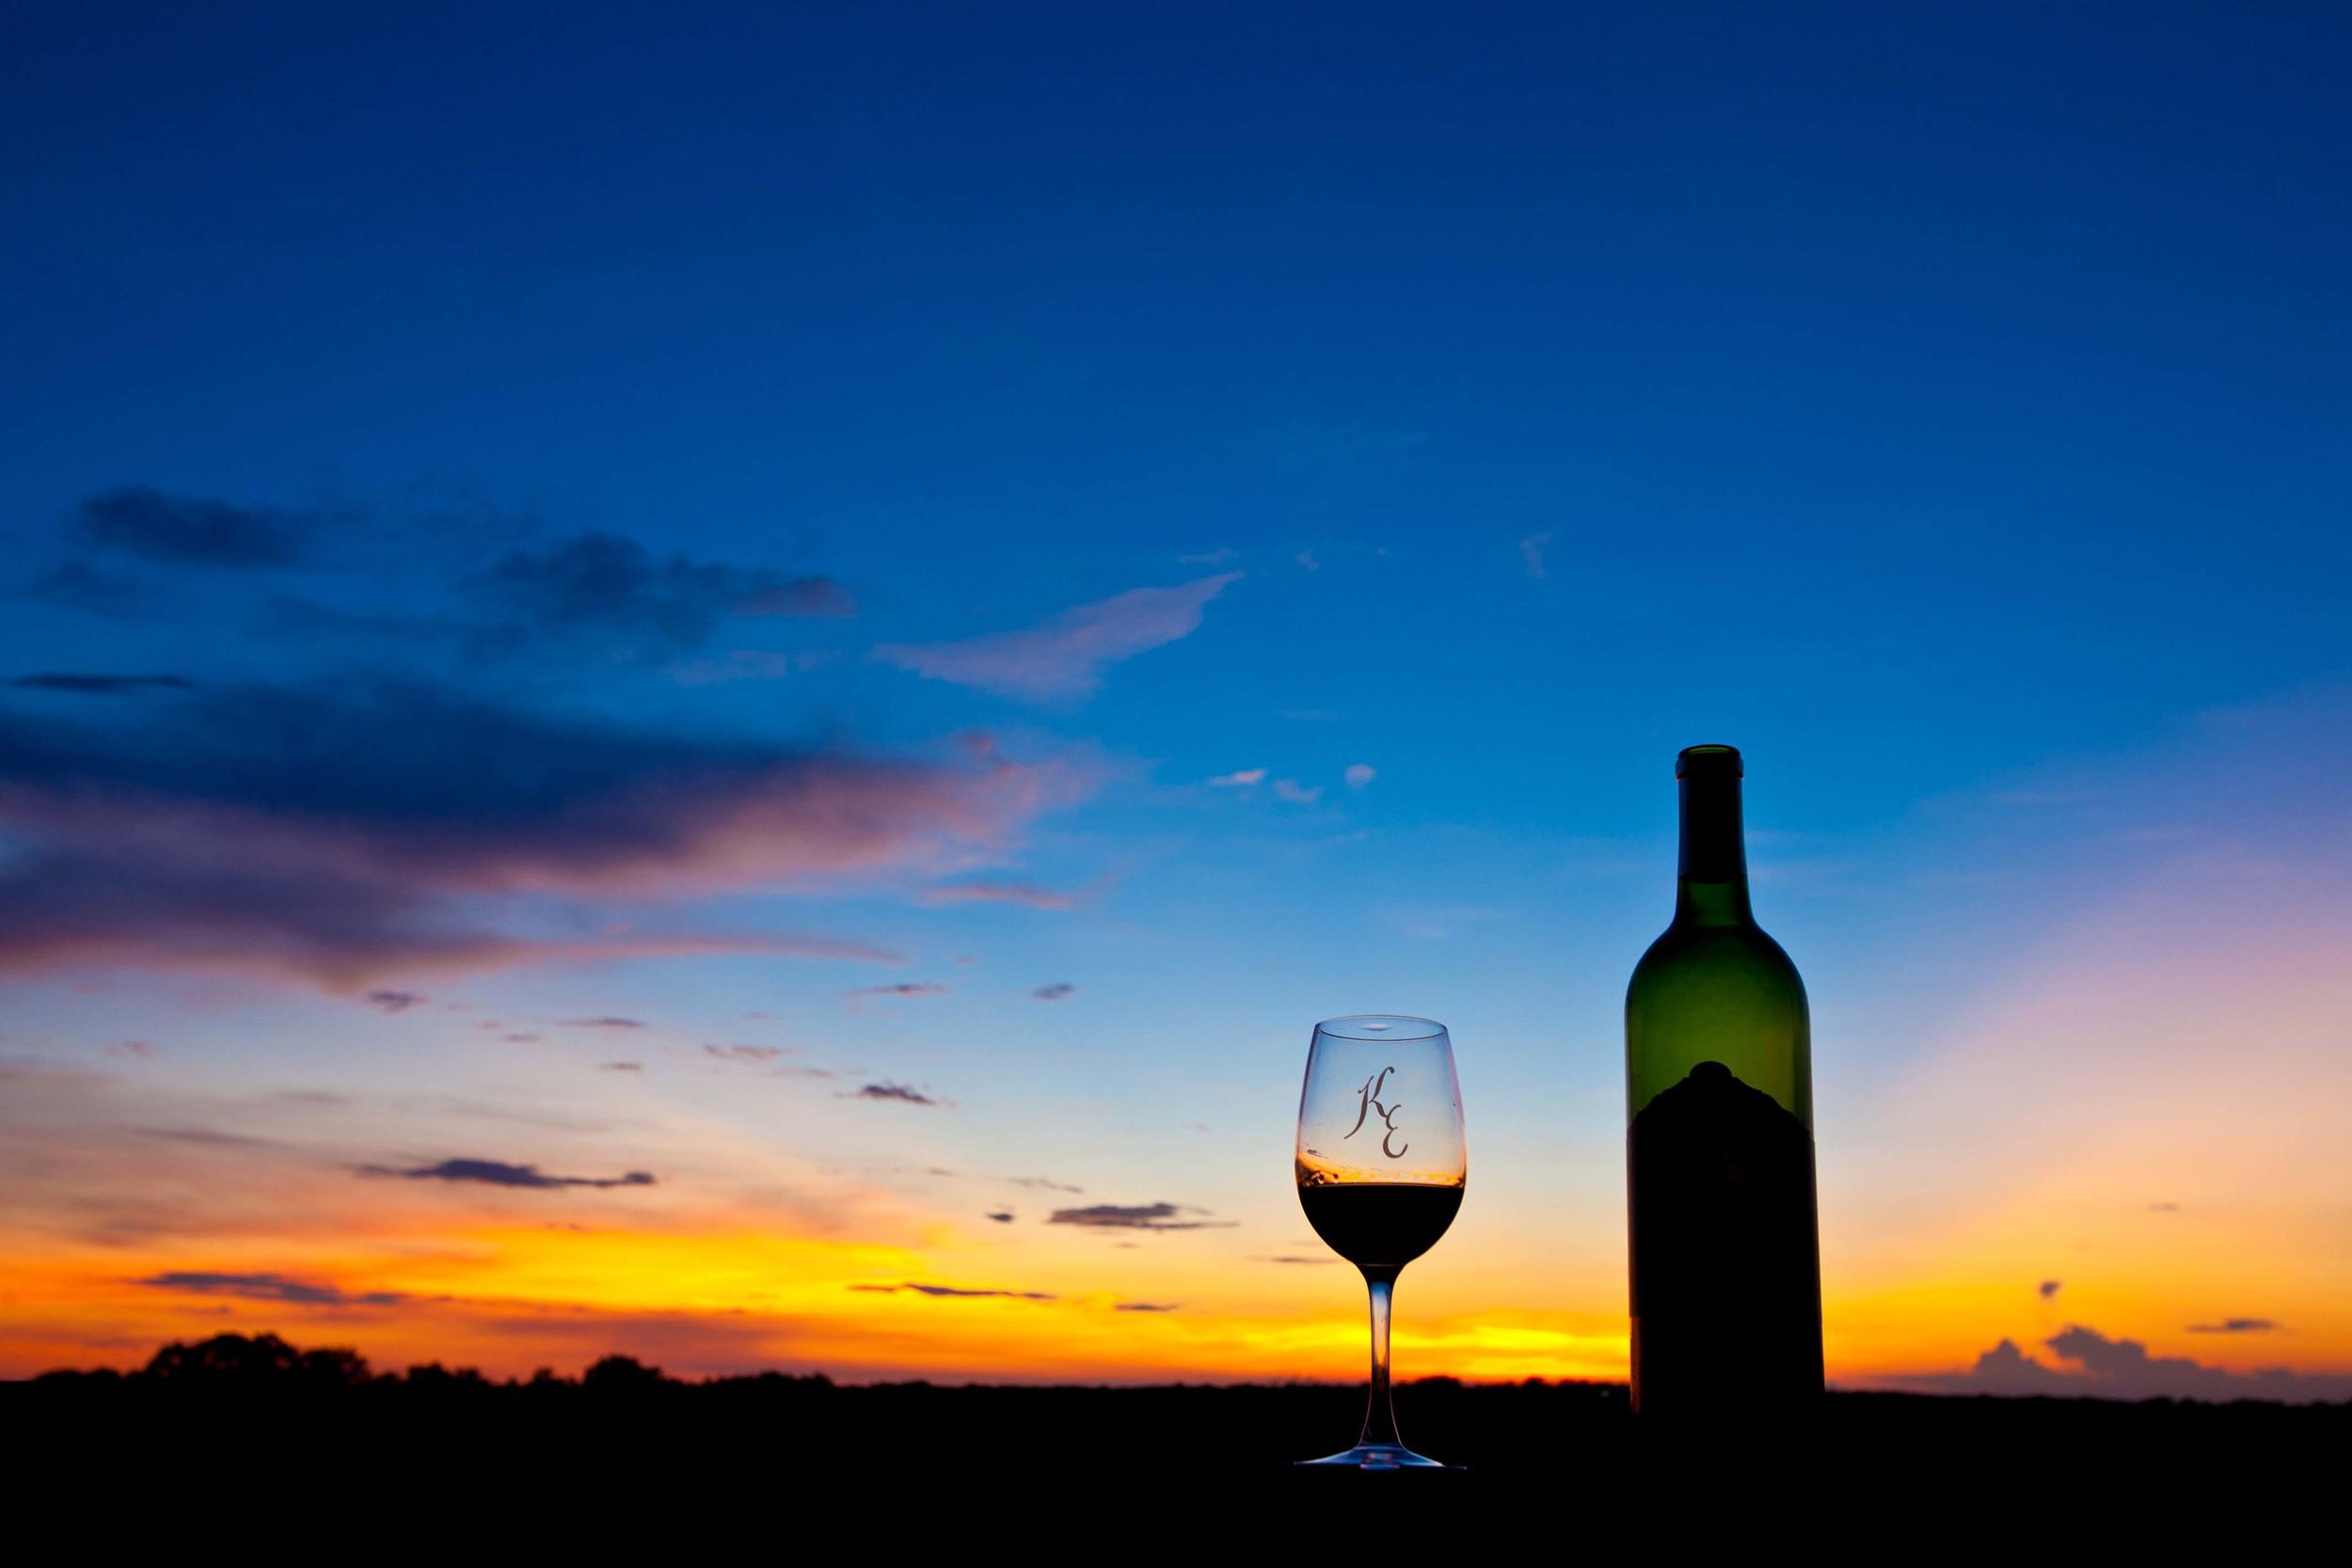 sunset_bottle_kiepersol.jpg